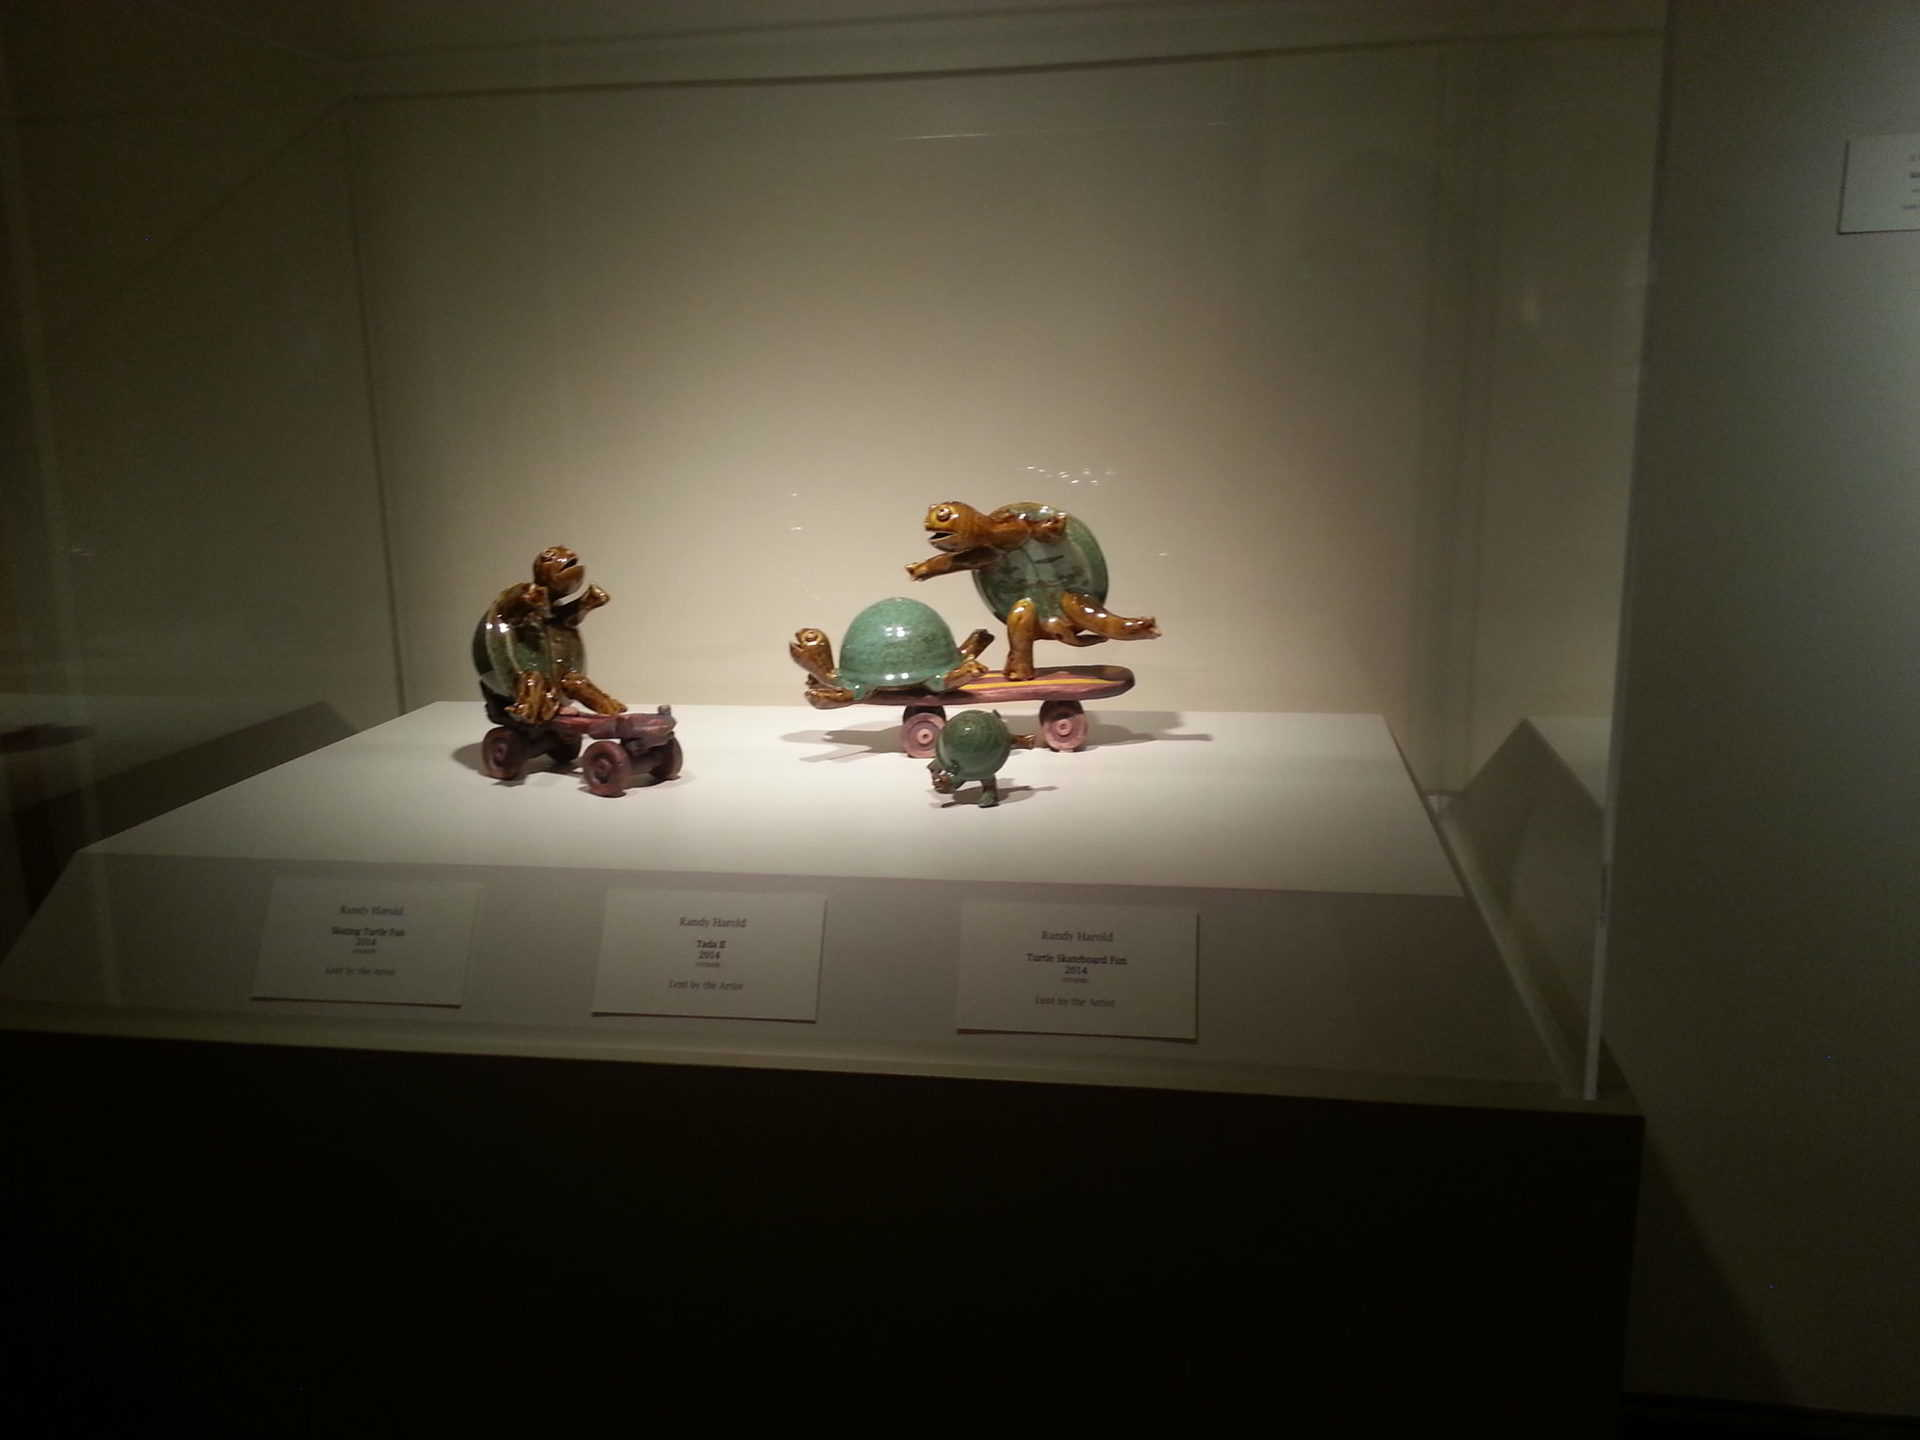 Huntsville Museum of Art - Green Turtles